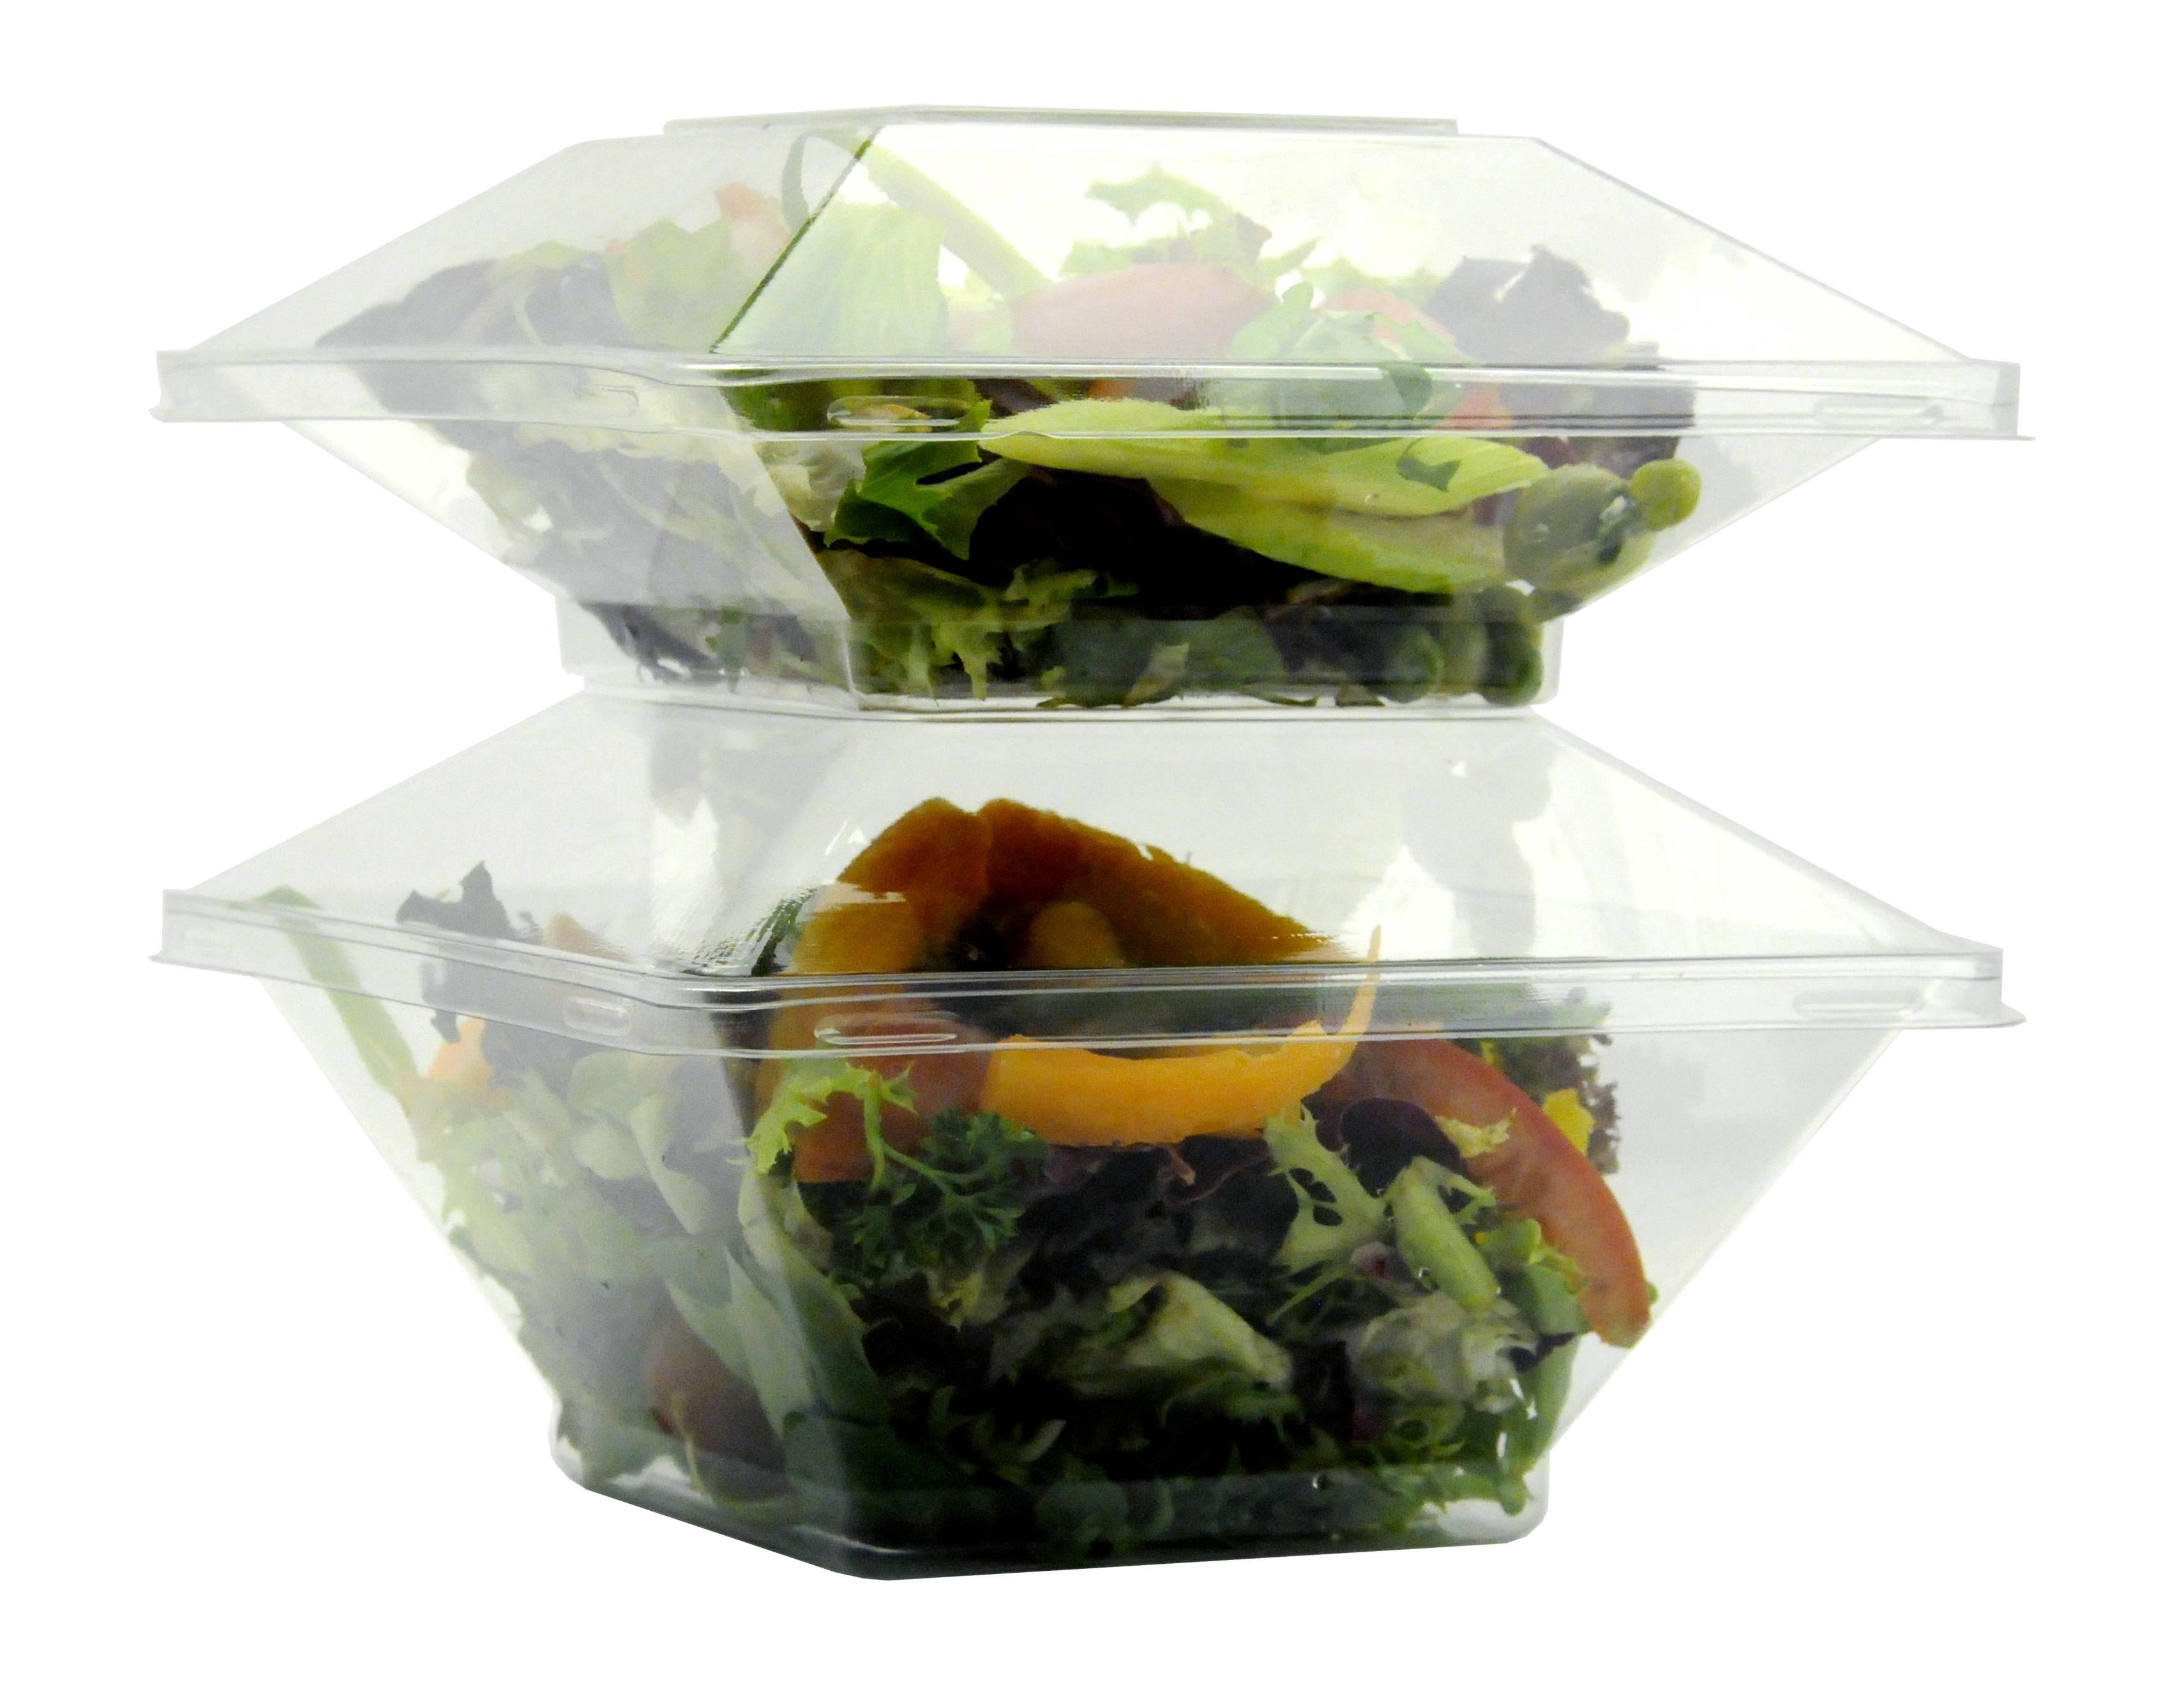 Cubic Bowls